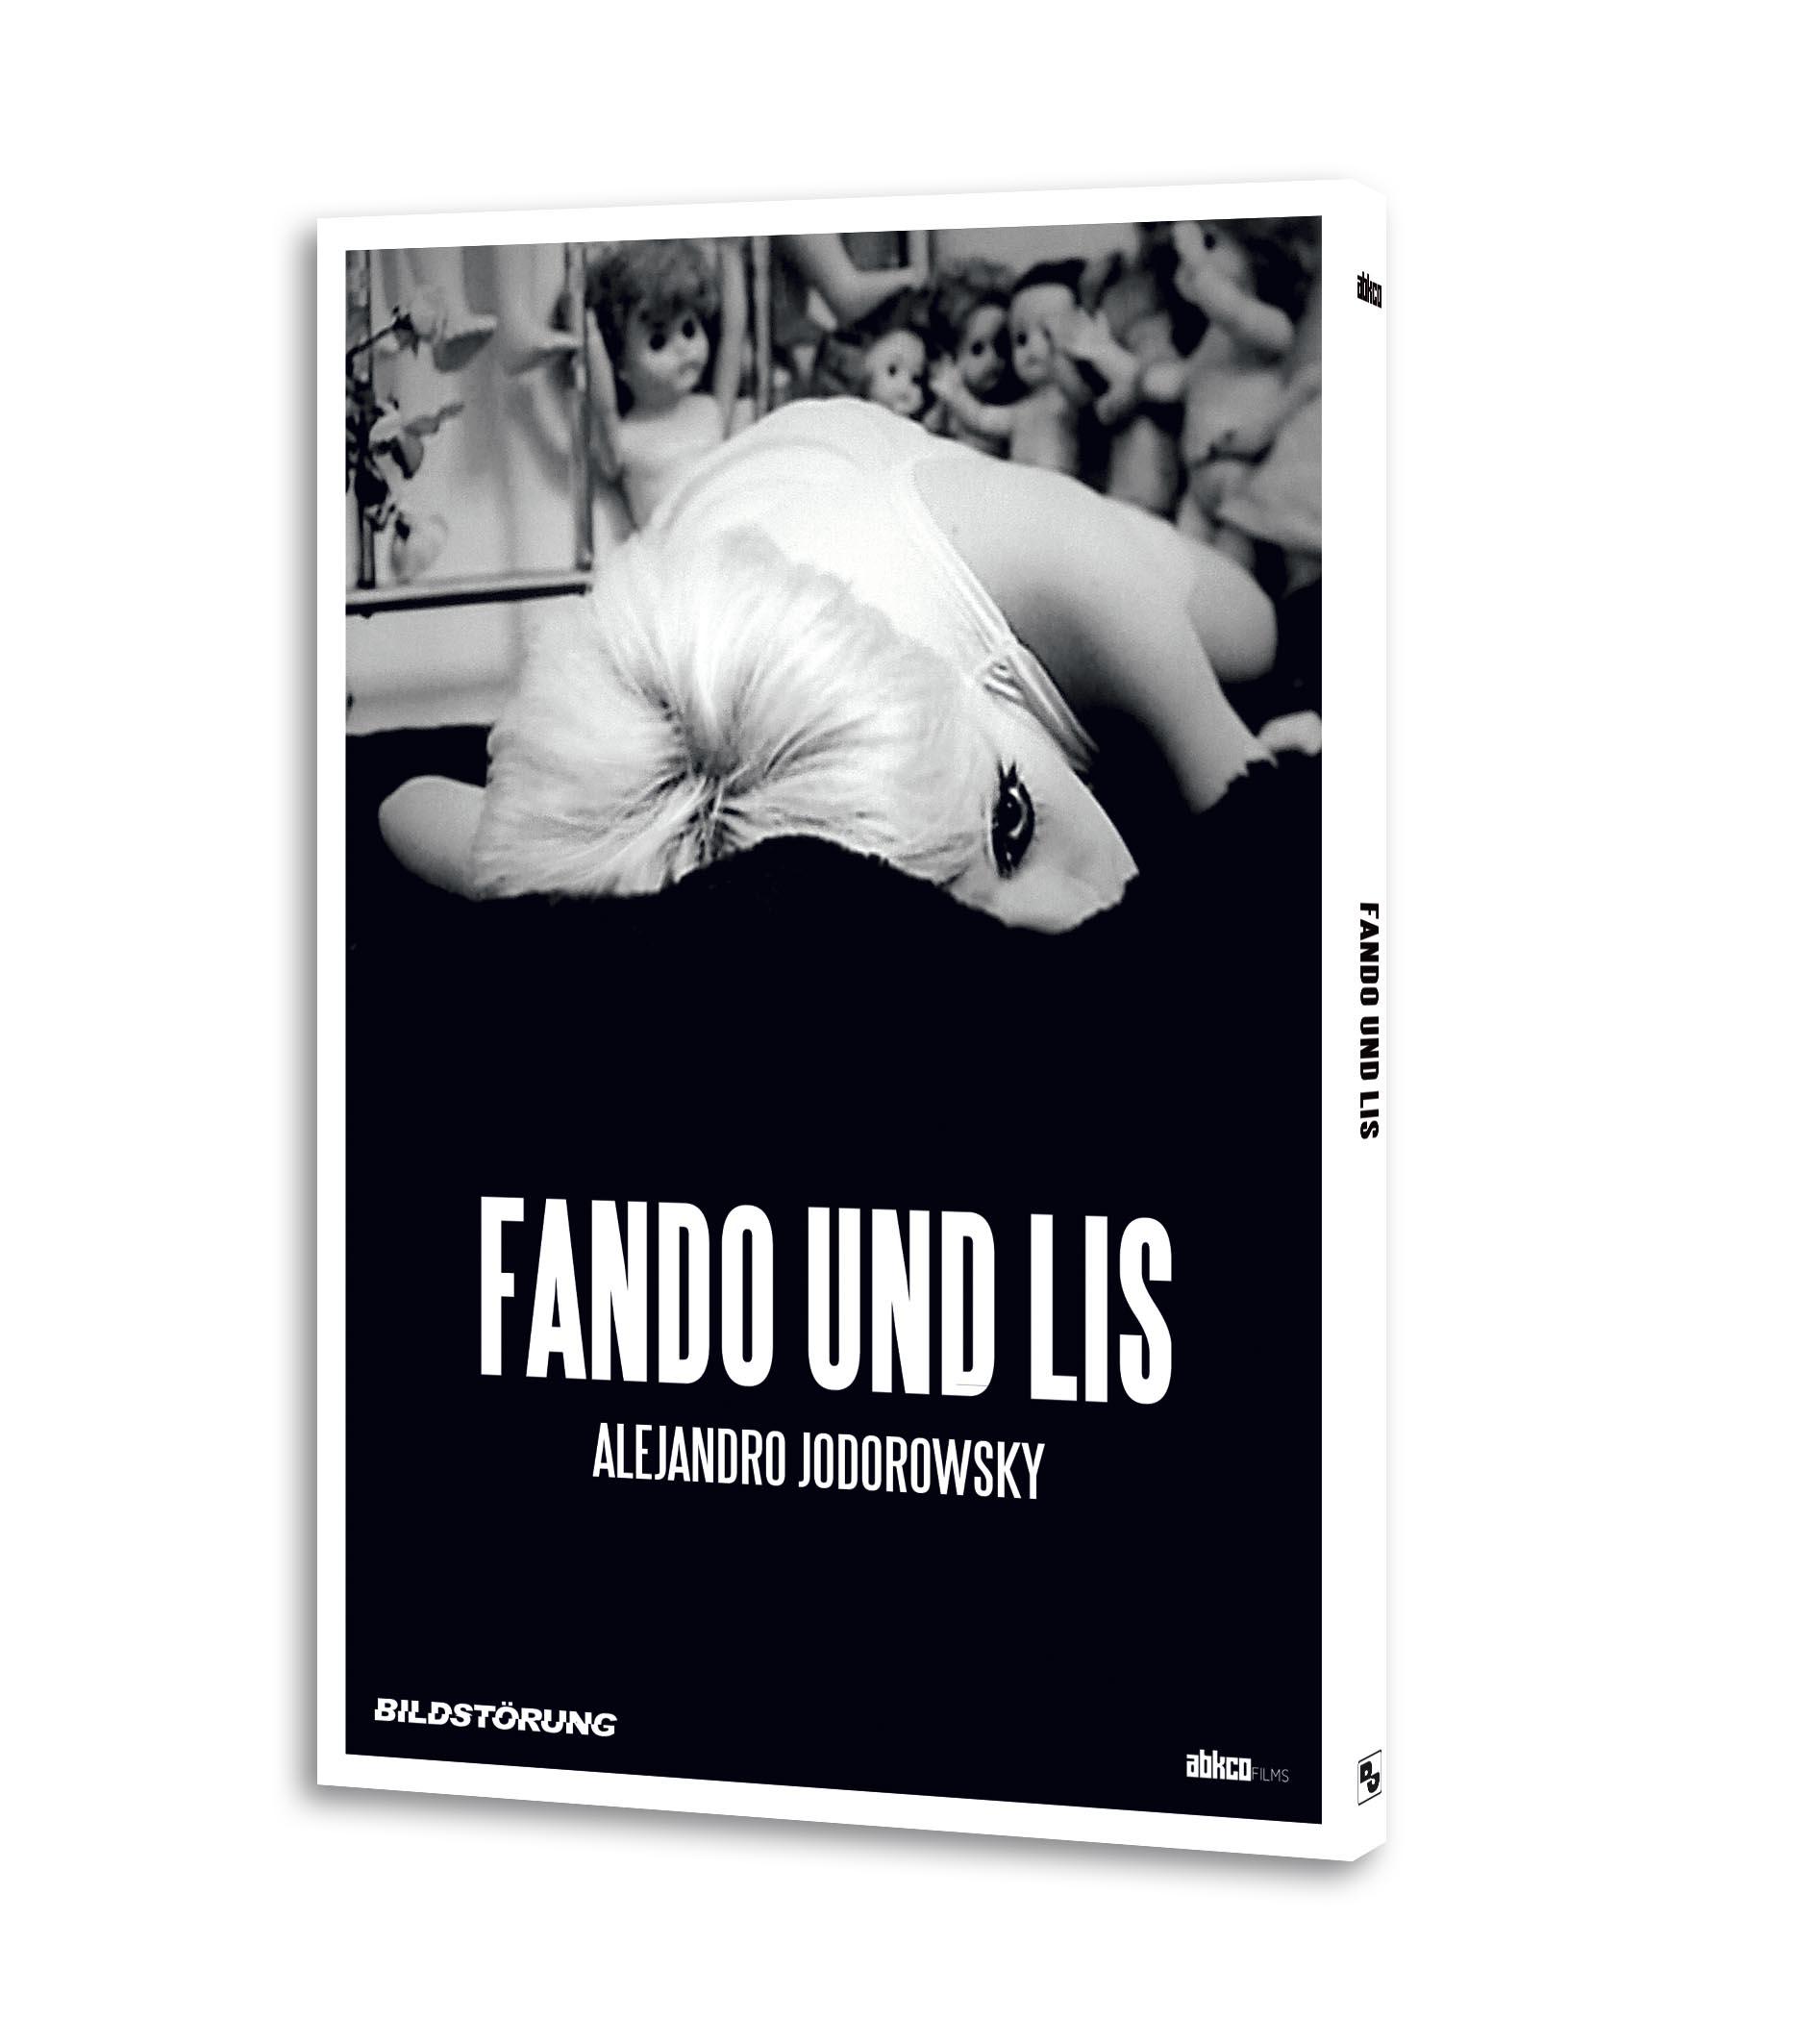 FANDO UND LIS Packshot